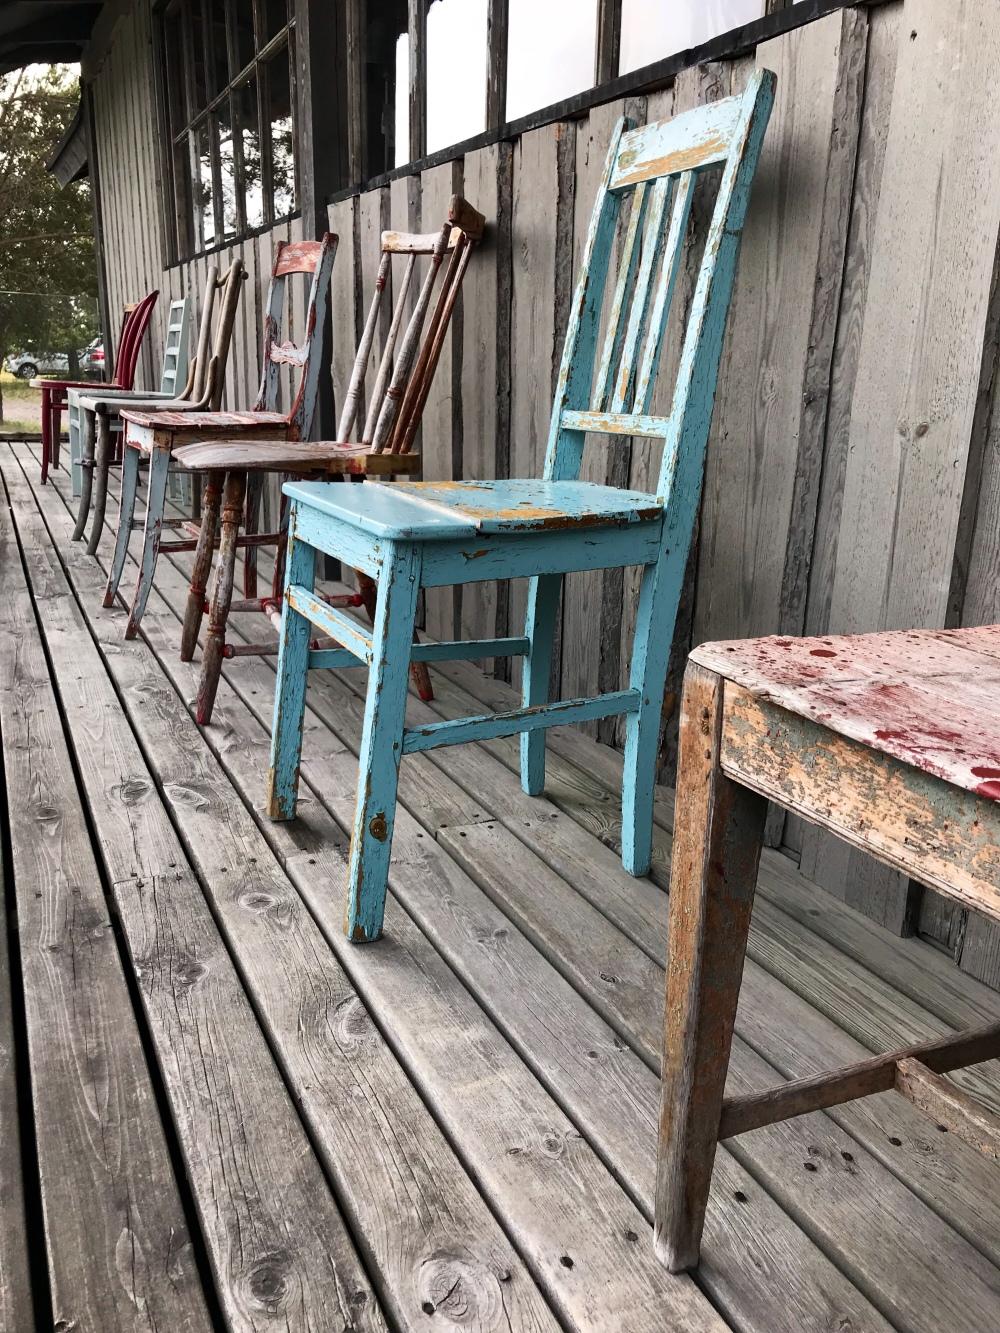 Peterzensin ihanat vanhat tuolit